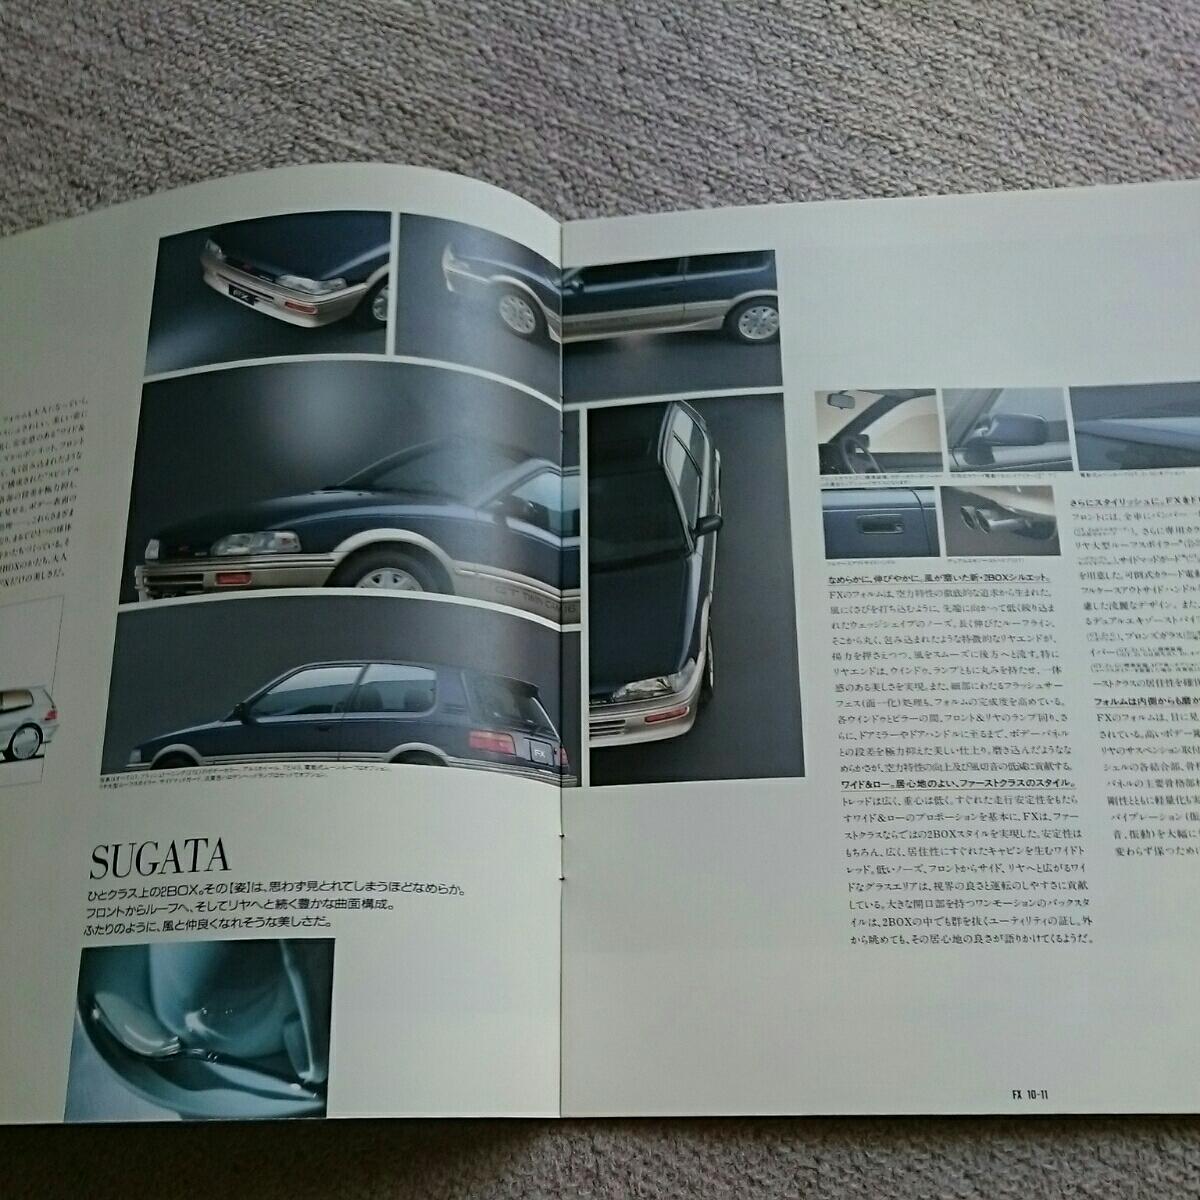 絶版、昭和62年6月発行、AE92、トヨタカローラ FX、3ドア1600FX-GT、5ドア、4A-GE、ツインカム16。_画像5